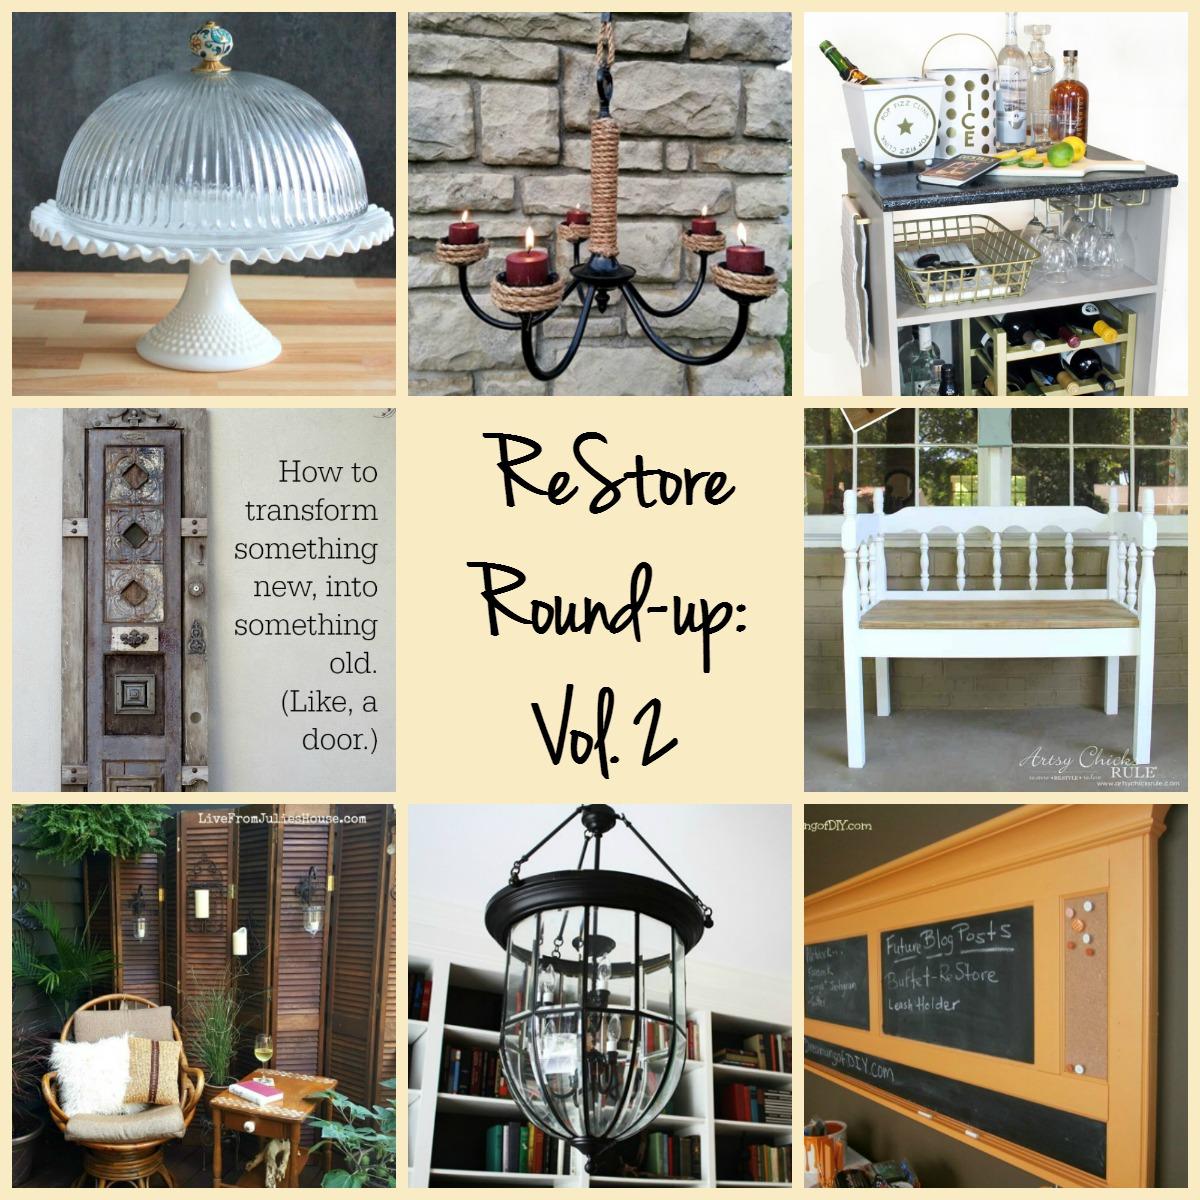 ReStore Round-up: Vol. 2